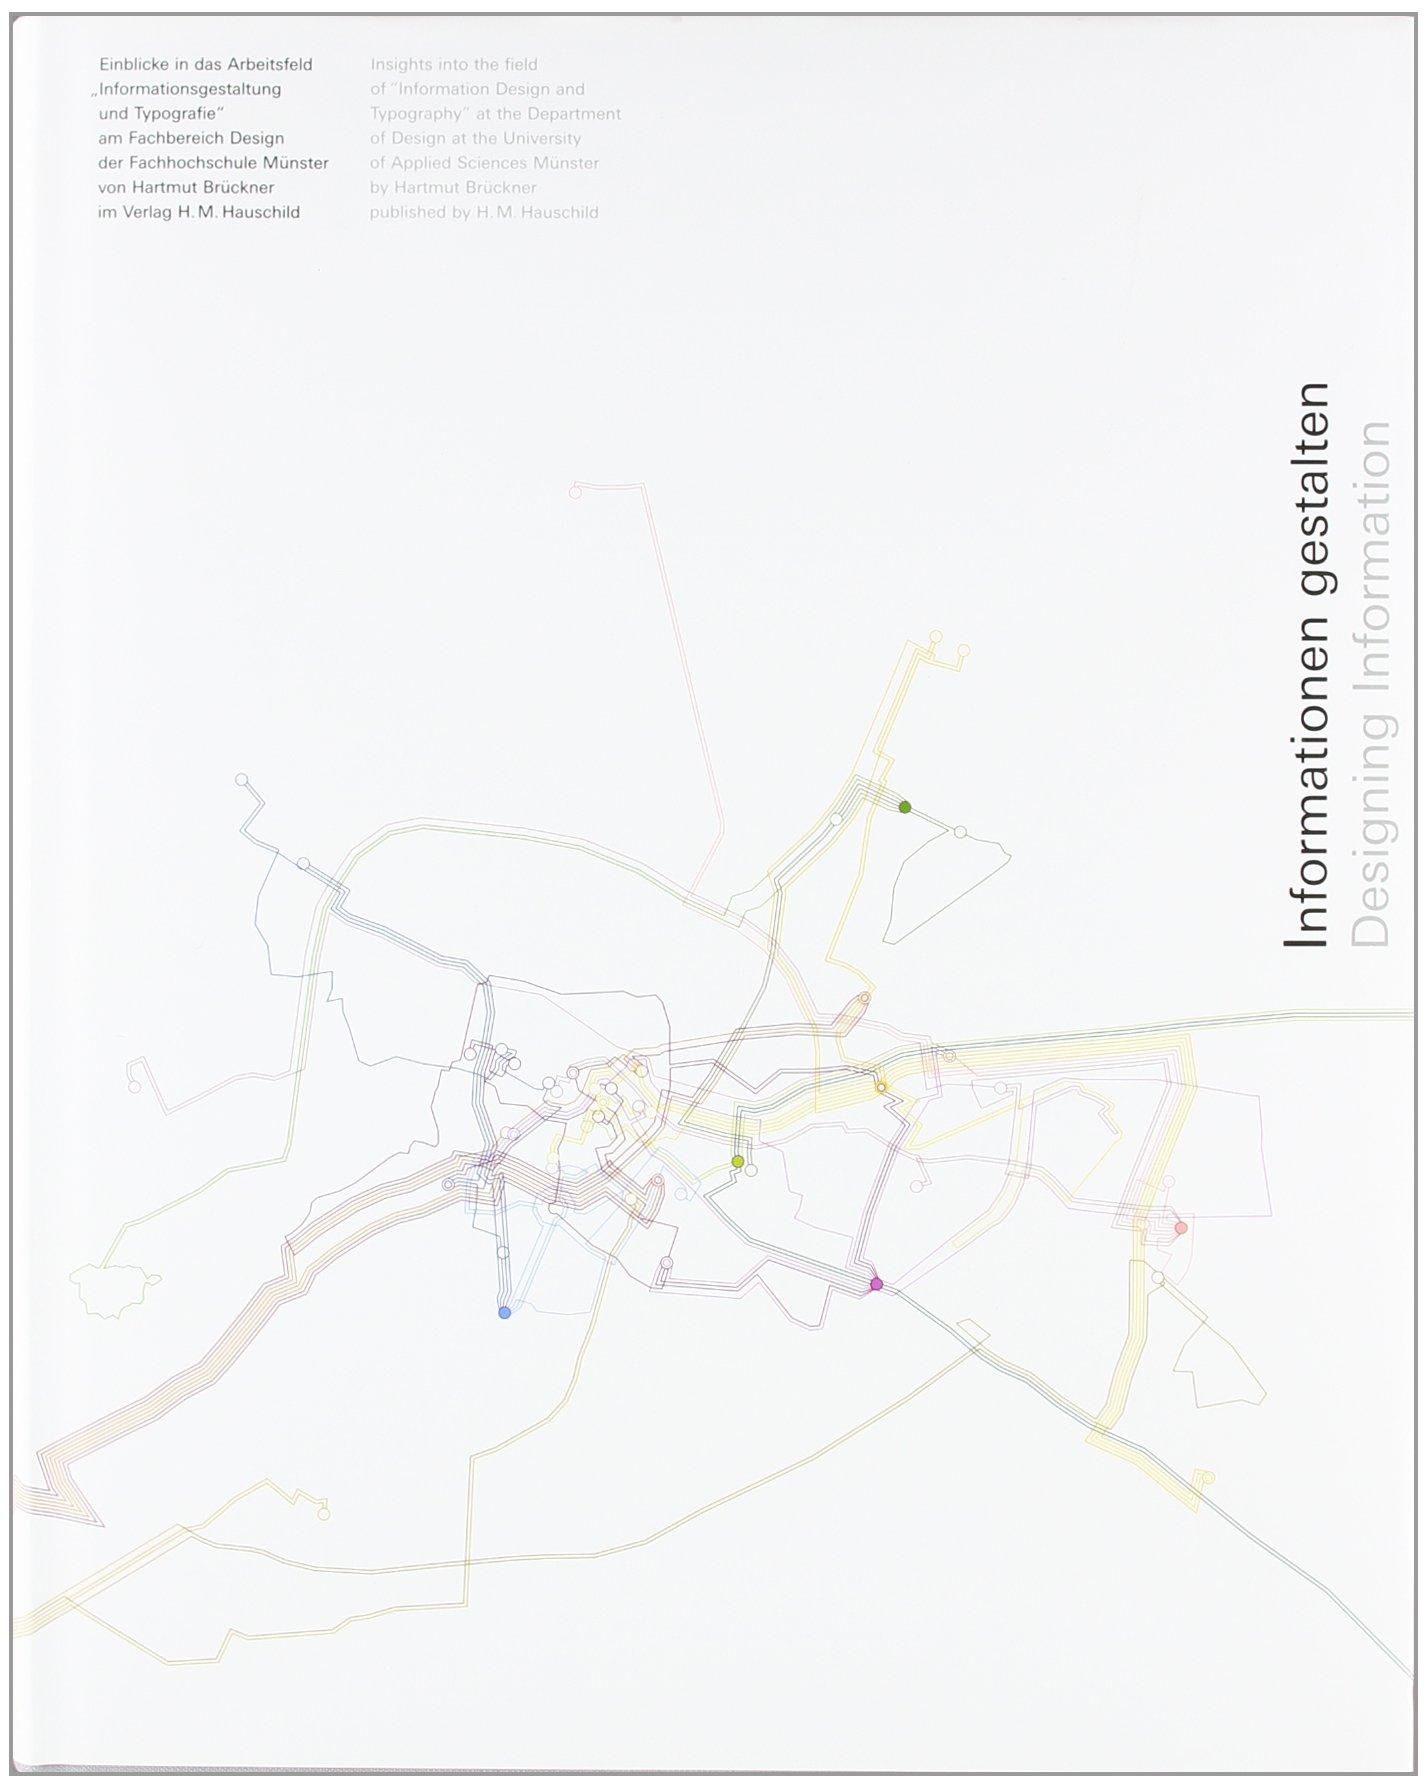 """... Einblicke in das Arbeitsfeld """"Informationsgestaltung und Typografie"""":  Amazon.de: Hartmut Brückner, H M Hauschild, Hochschule Münster: Bücher"""